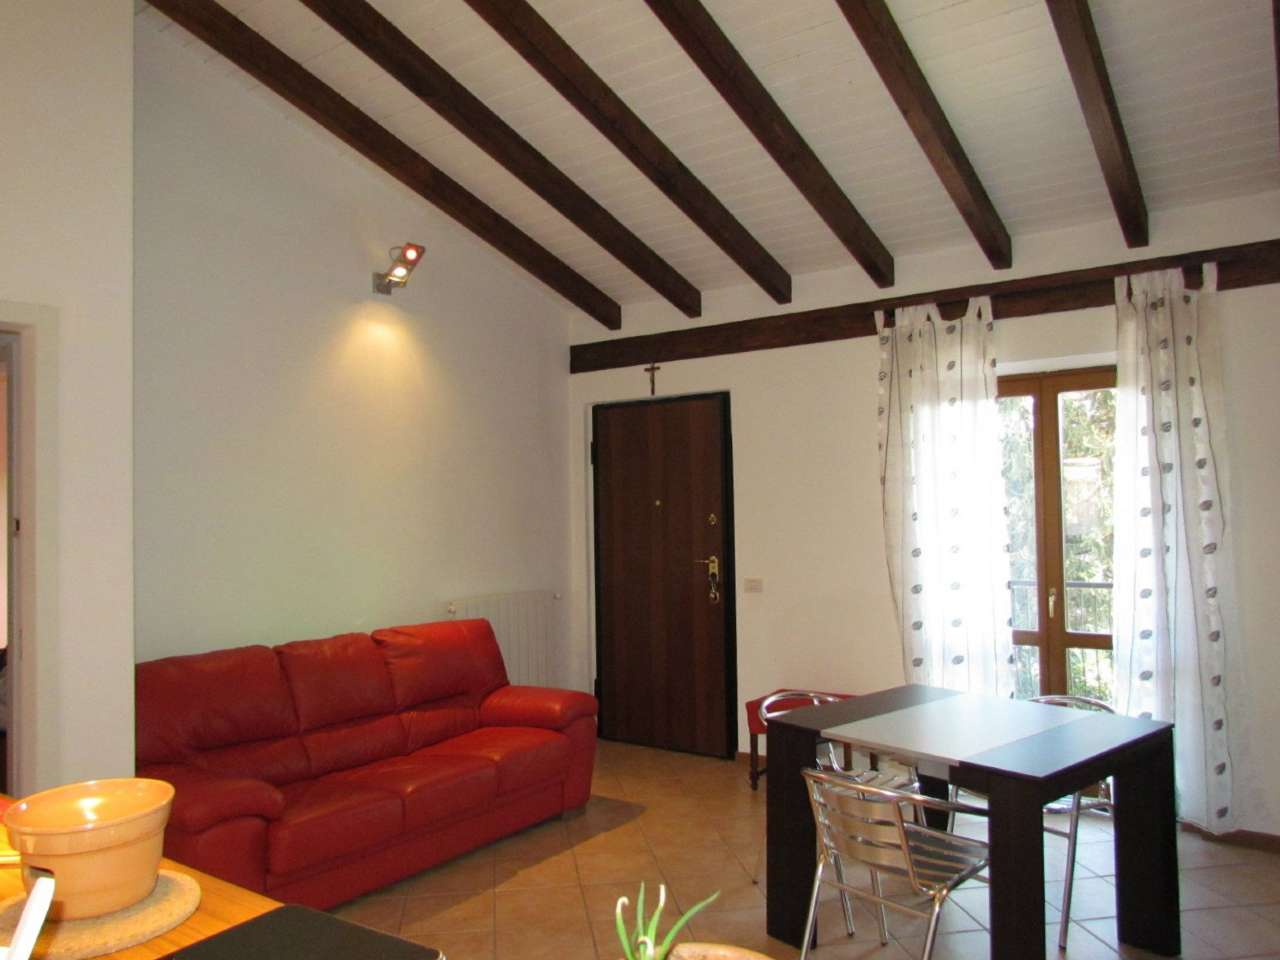 Appartamento in vendita a Tradate, 3 locali, prezzo € 145.000 | Cambio Casa.it